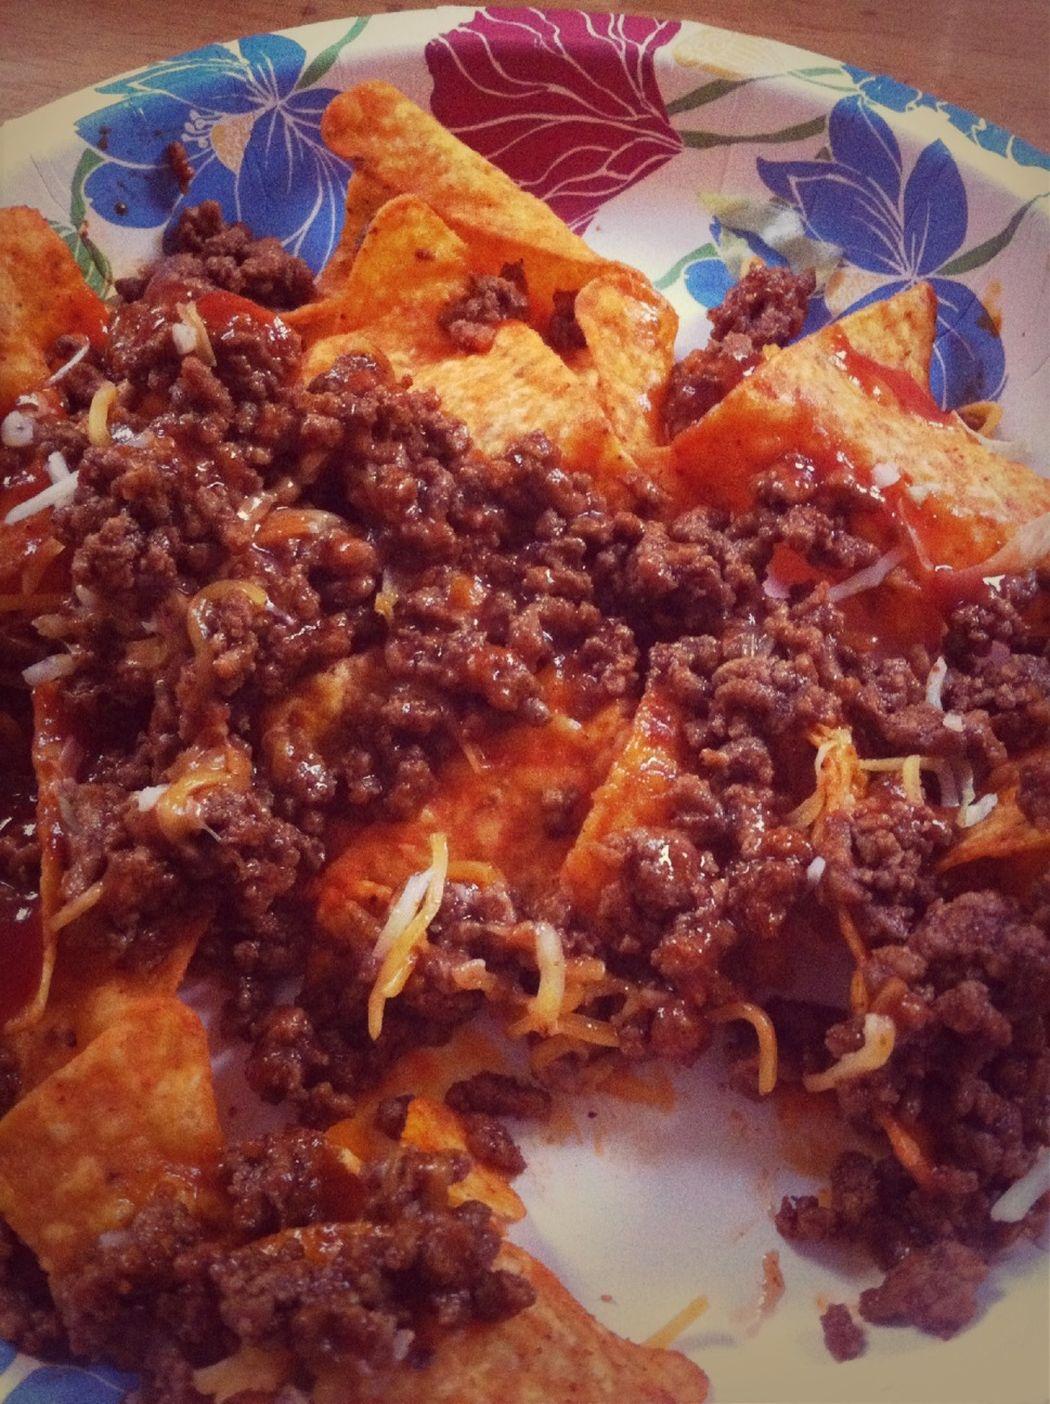 My plain taco salad since I'm picky